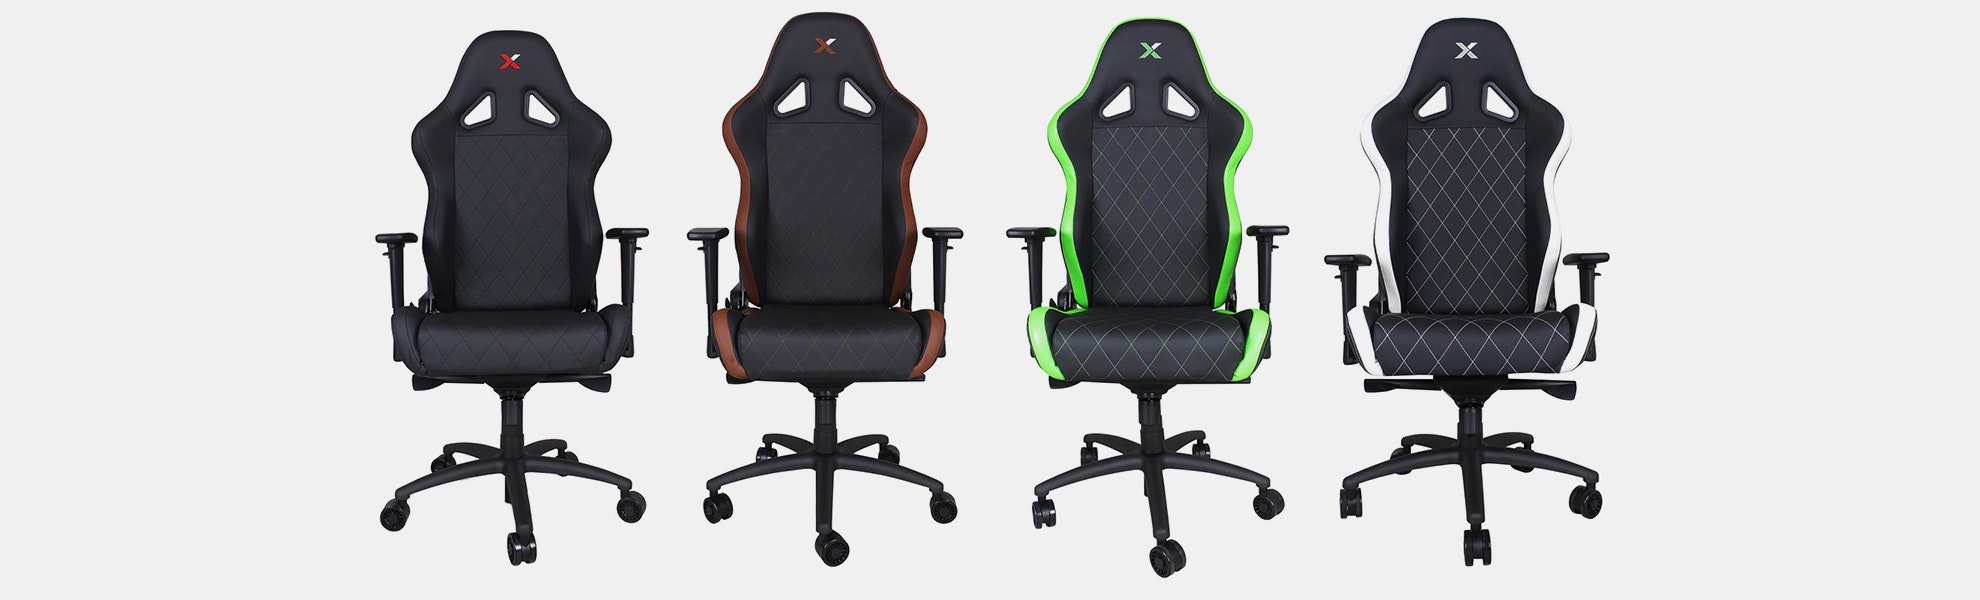 RapidX Ferrino/Ferrino XL Series Gaming Chairs